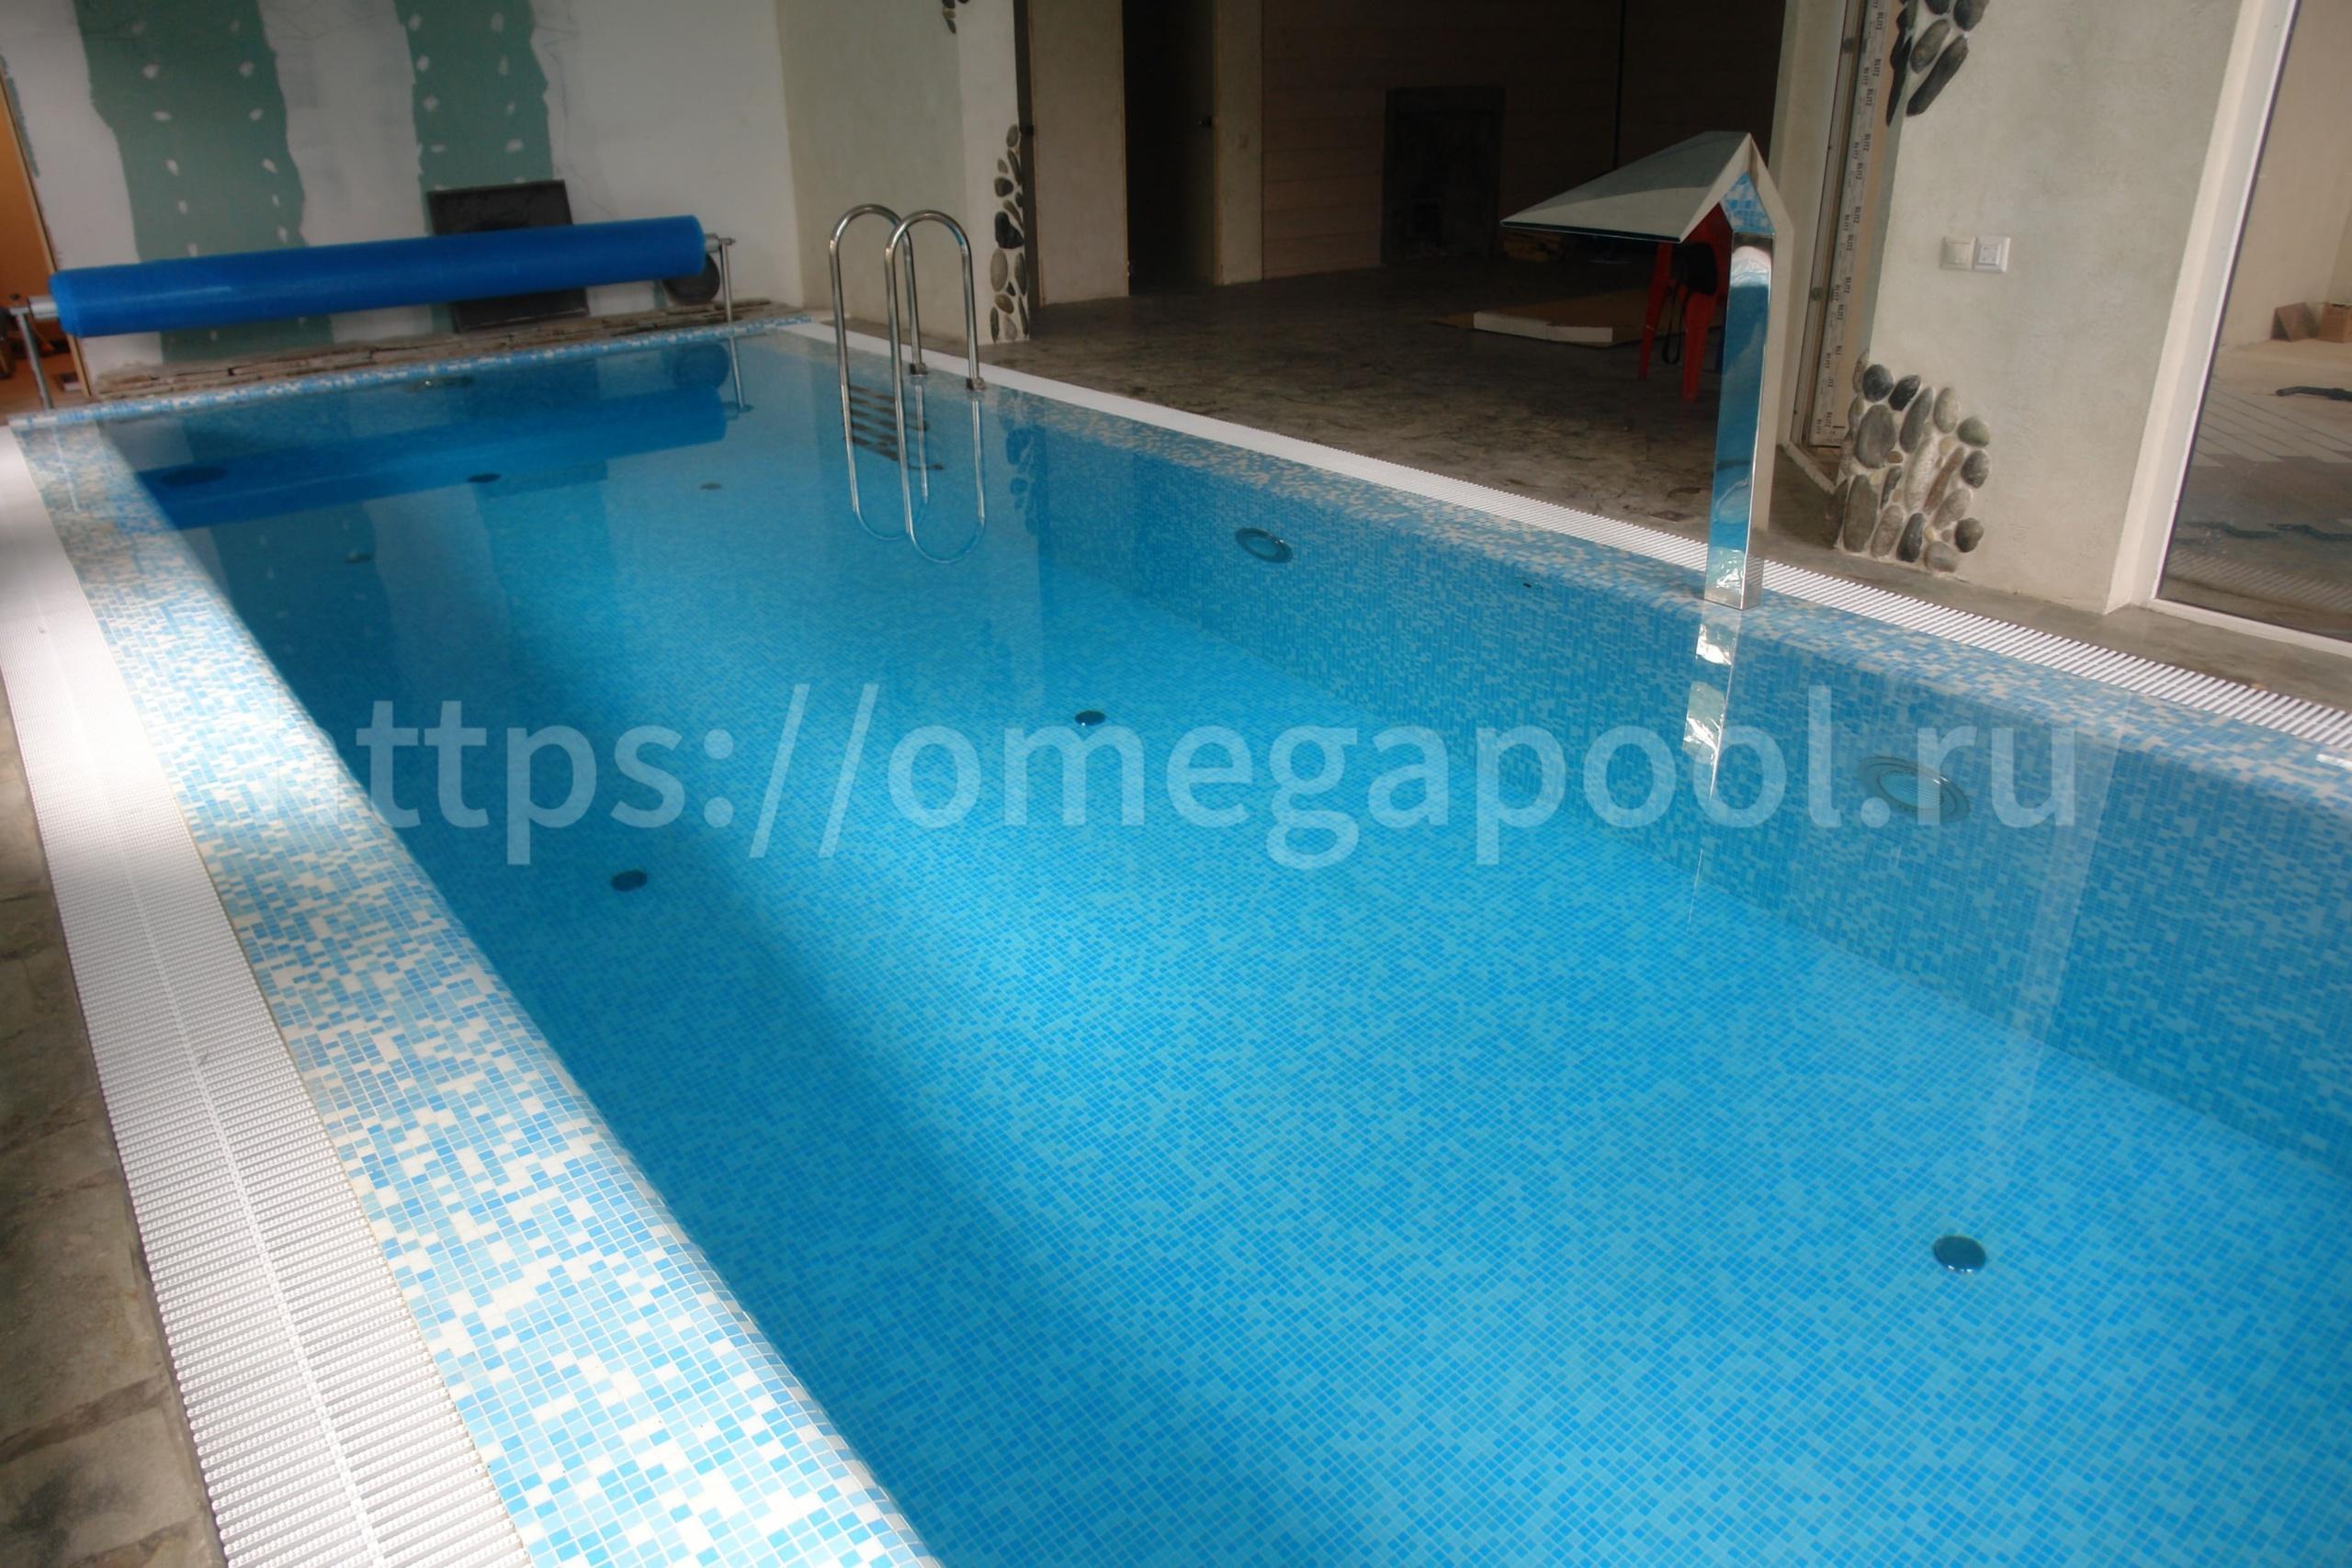 Частный дом с бассейнов в г. Зеленогорск